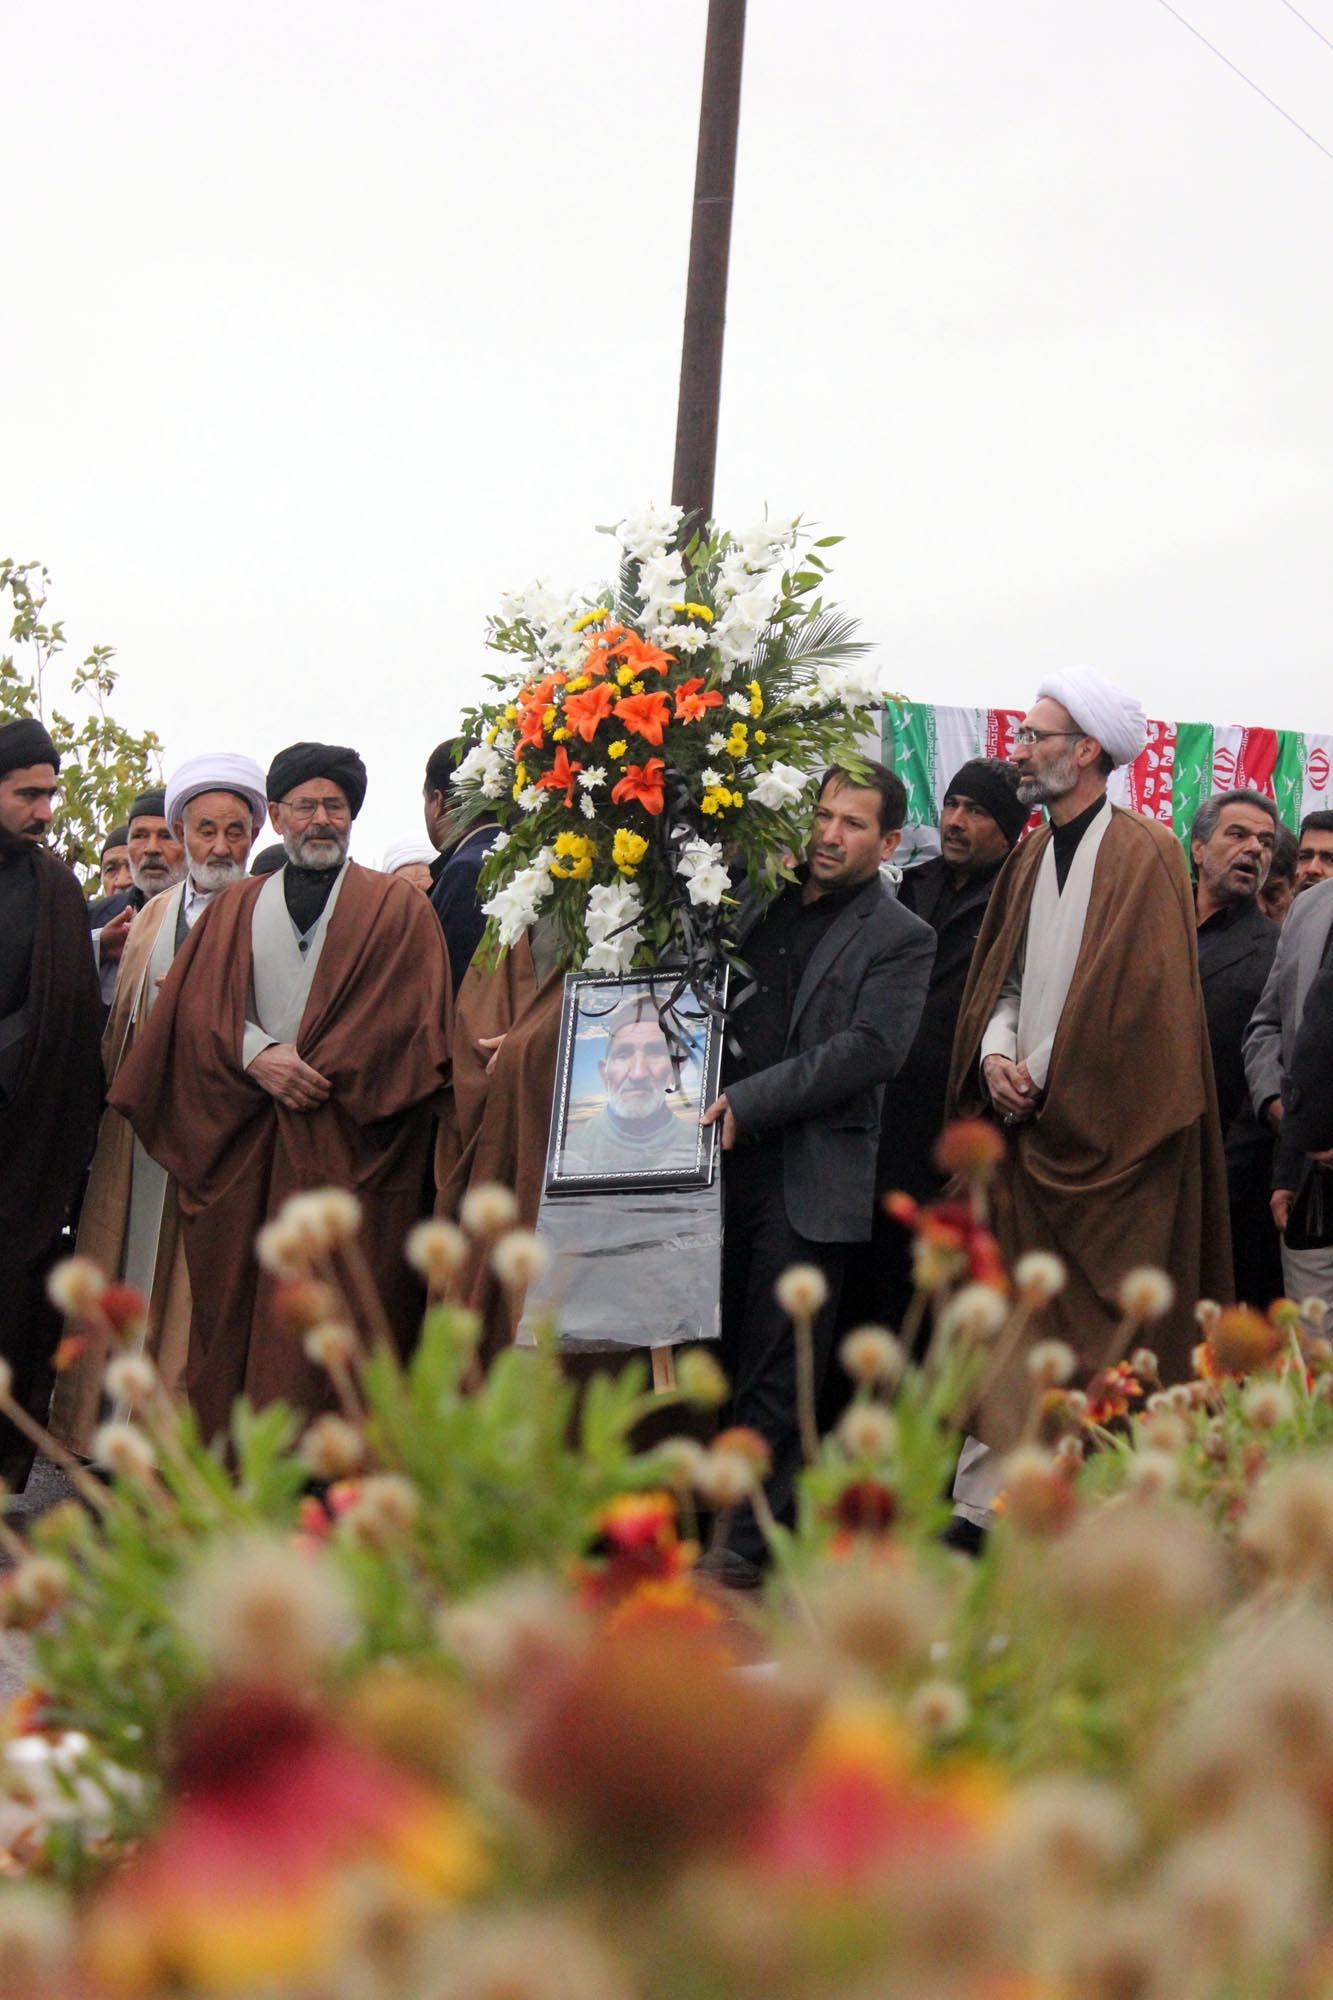 تشییع جنازه مرحوم مهاجرانی - روستای سنو